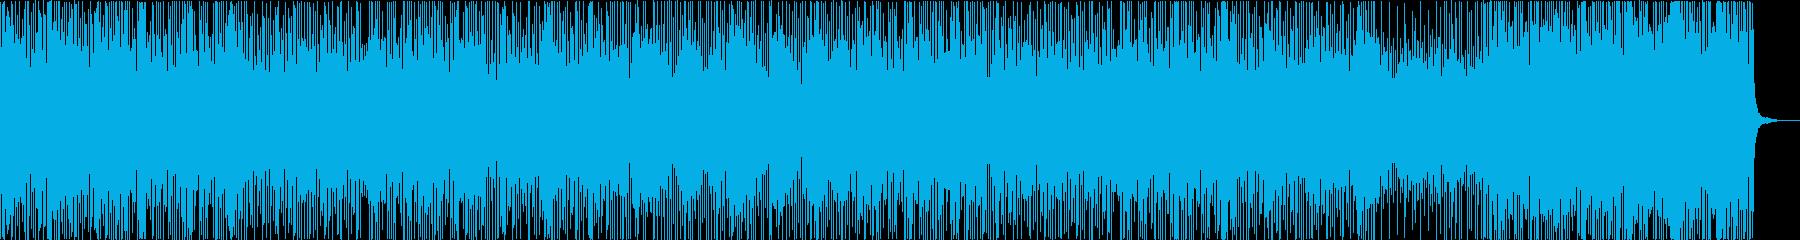 情報番組 CM オシャレで可愛いピアノの再生済みの波形